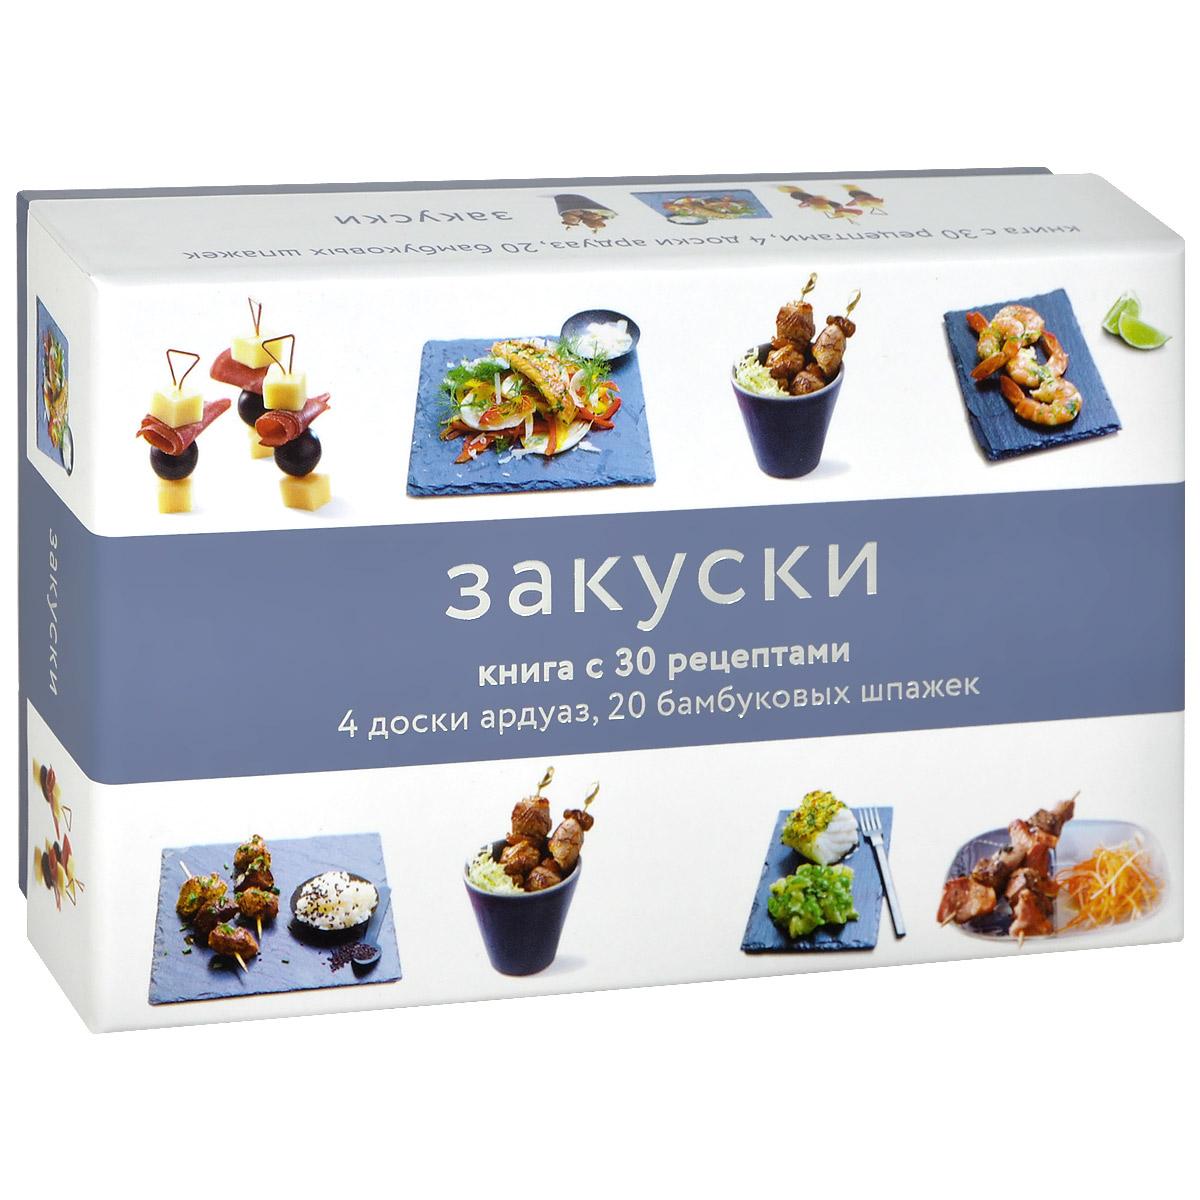 Закуски (книга + набор для приготовления закусок)